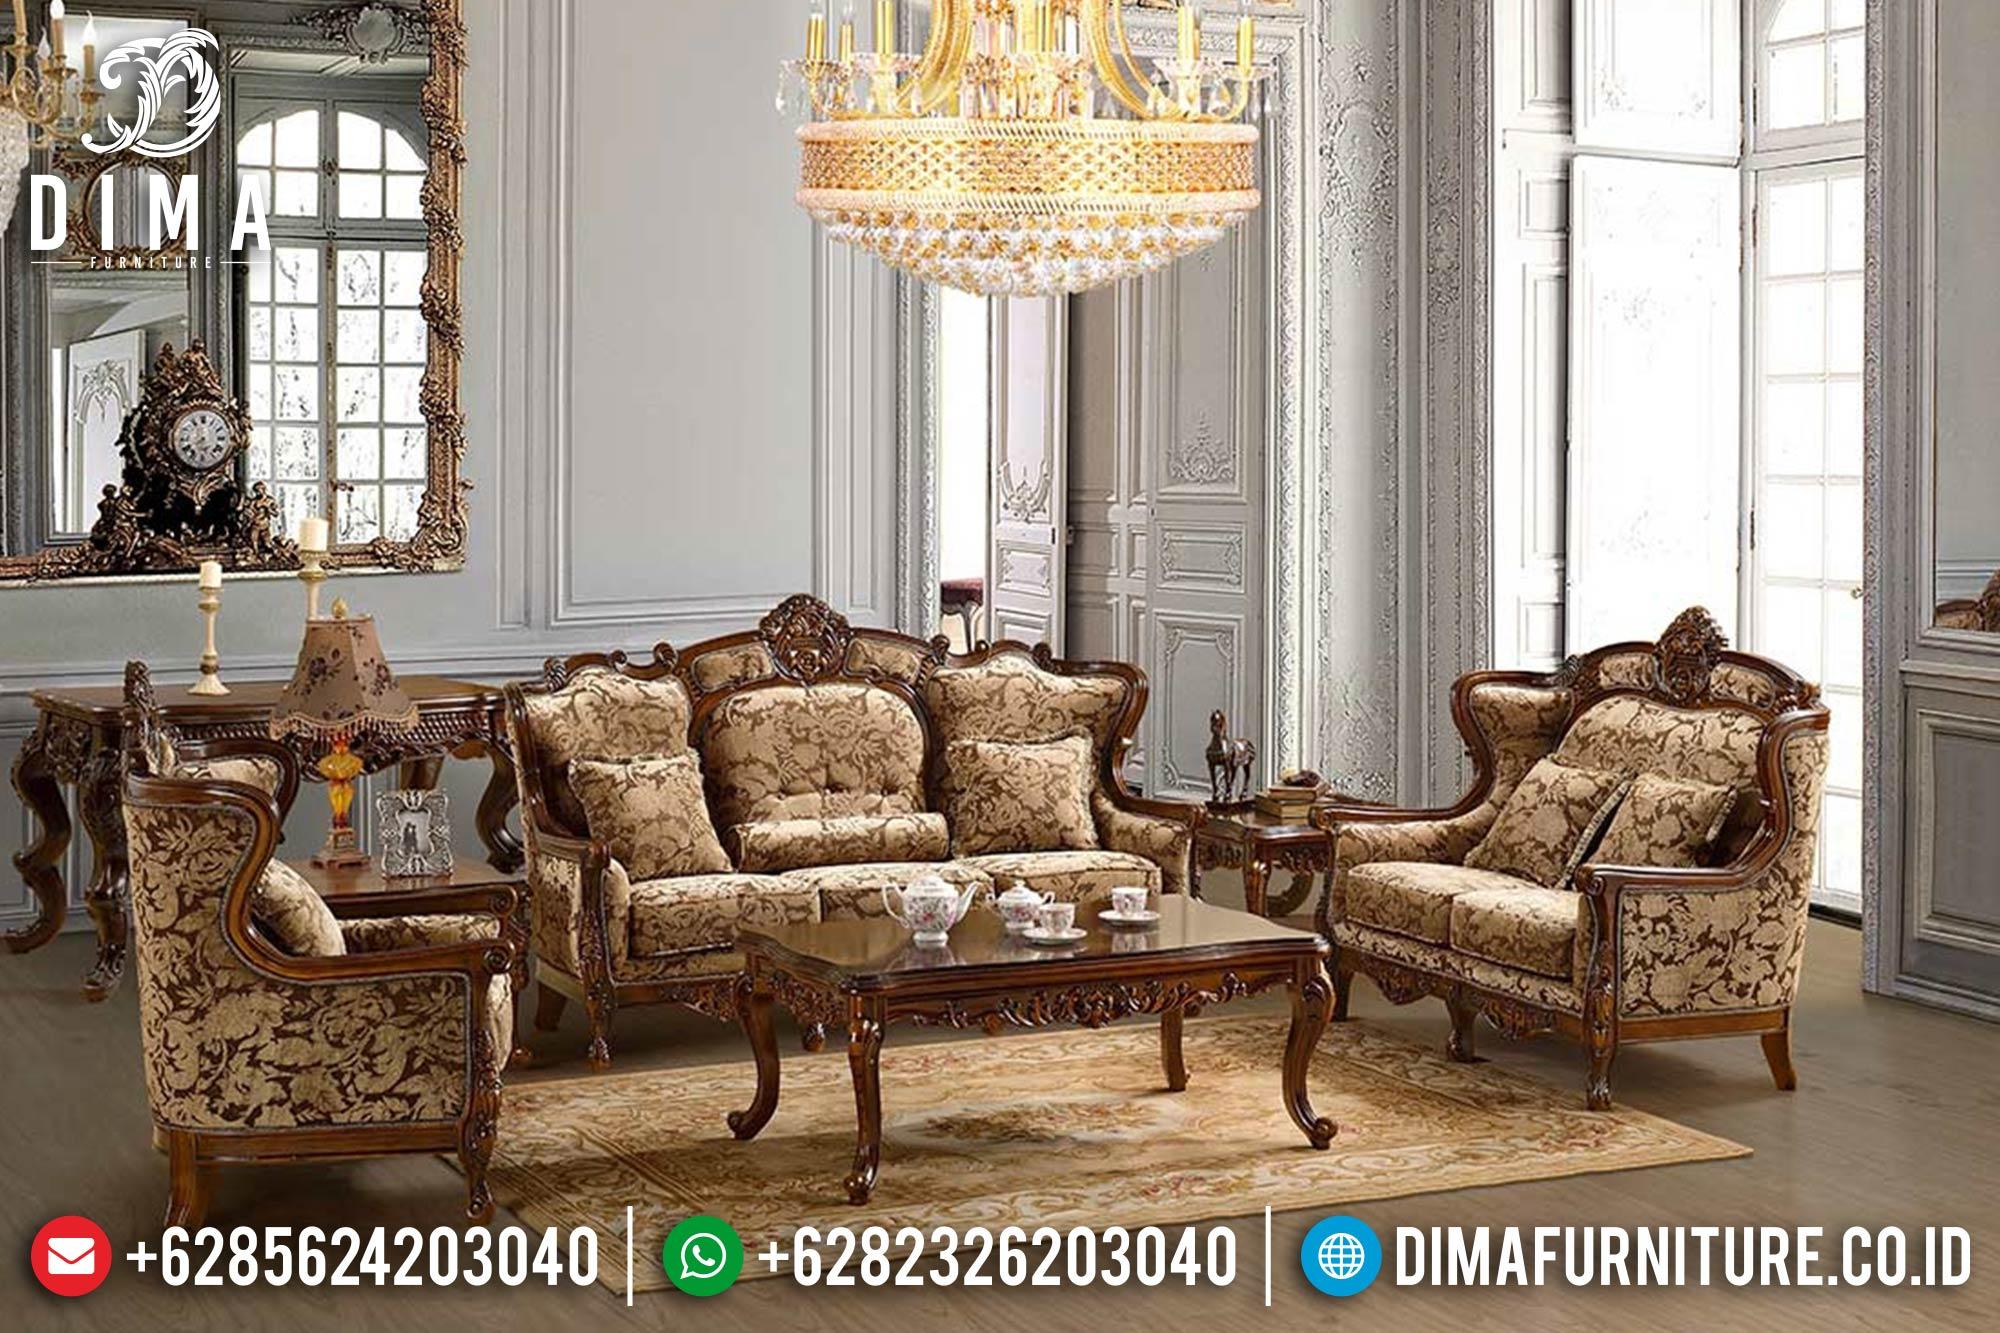 Sofa Tamu Jepara Mewah Minimalis Terbaru 12 Dima Furniture Jepara